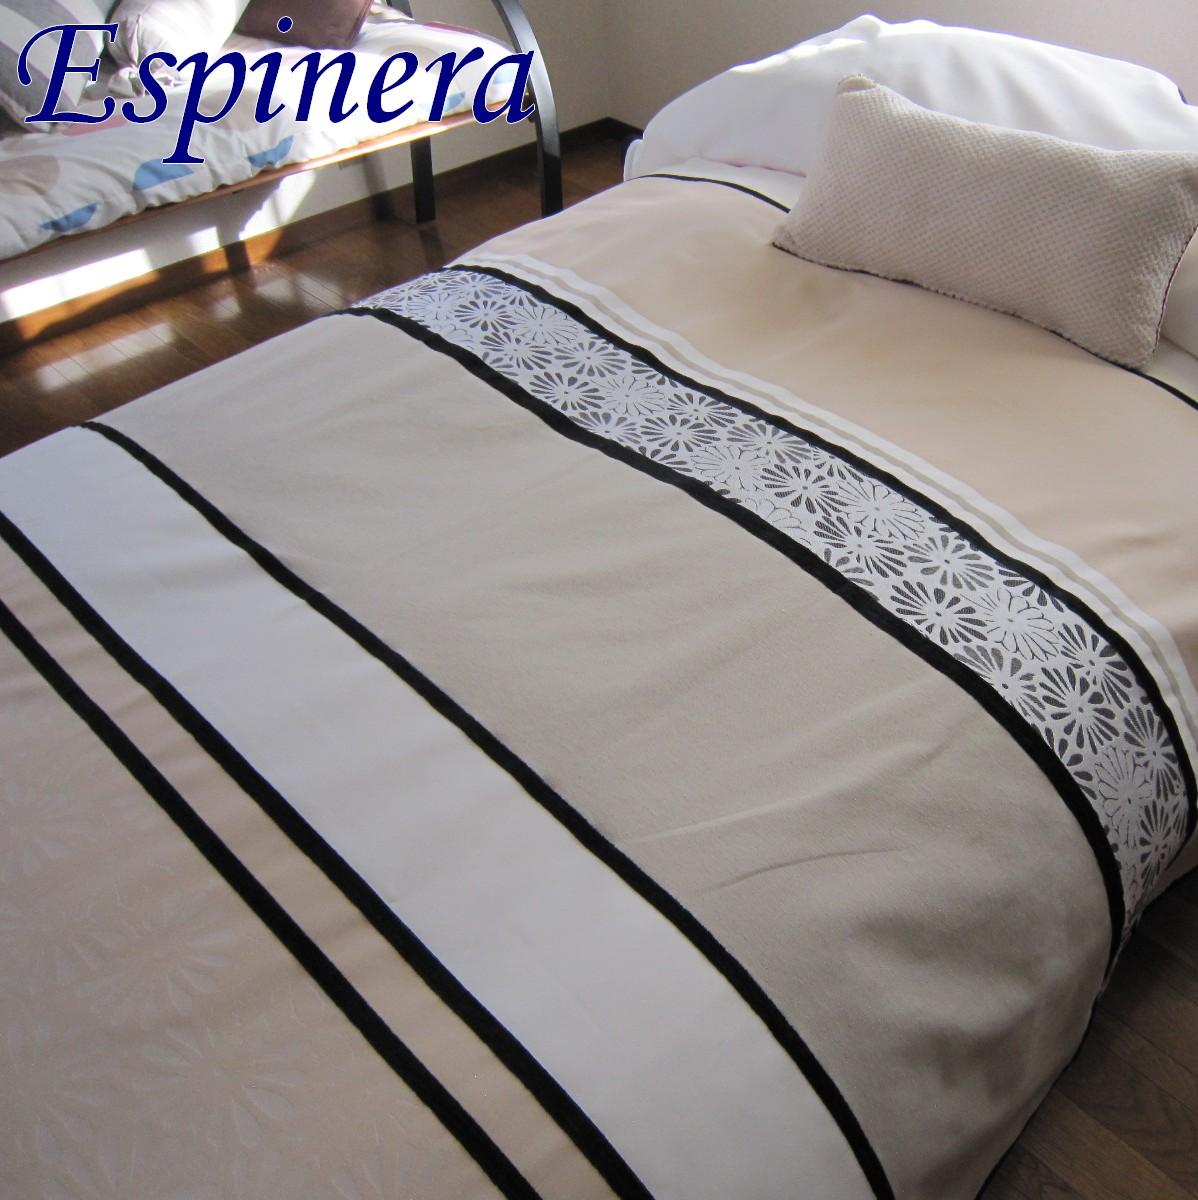 ベッドスプレッド クイーン 250×270 cm エスピネラ ベージュ スペイン製 日本仕様 ジャガード織 1.3 kg 超広幅生地&デザイン 継ぎ目が無い ベッドカバー ホテル仕様 マルチカバー ギフト プレゼント ご家庭洗濯可